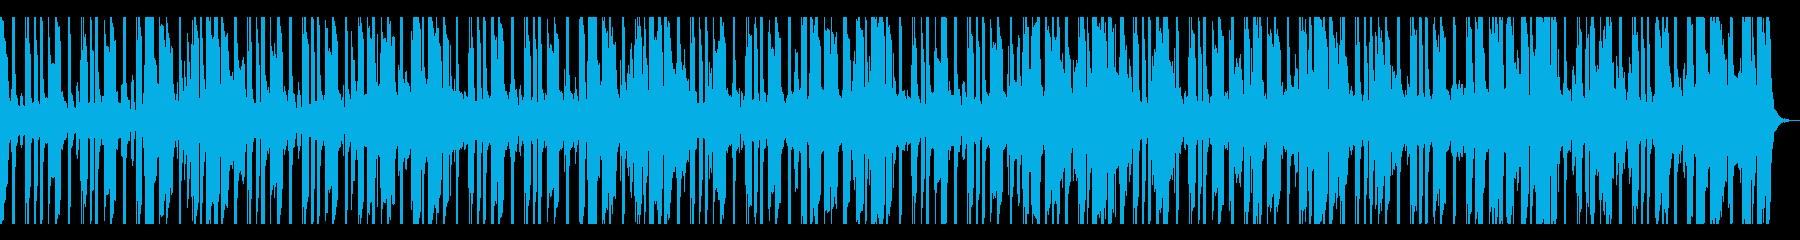 【短いVer10】スローファンクロックの再生済みの波形